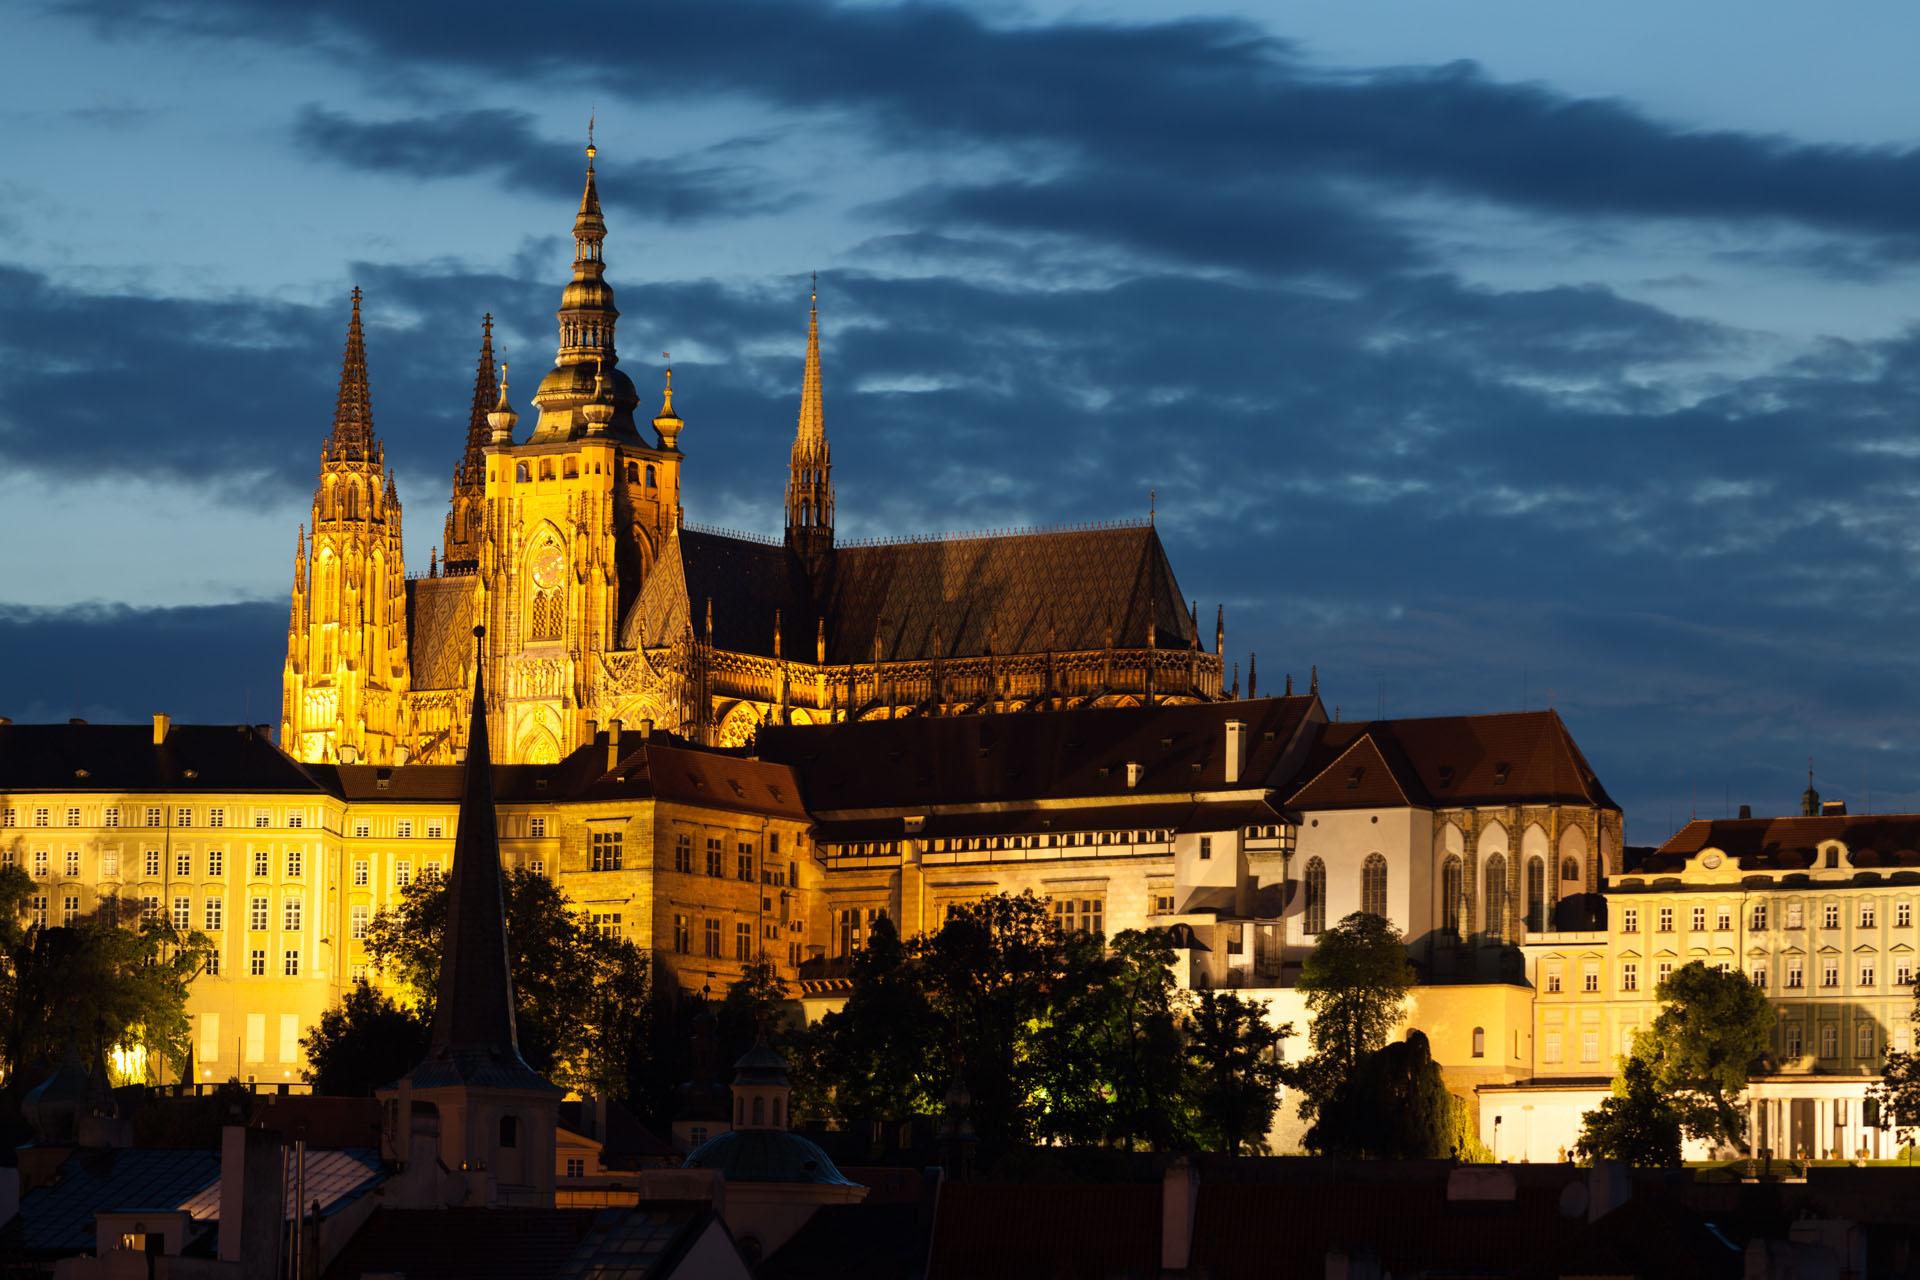 Cattedrale San Vito all'imbrunire Praga